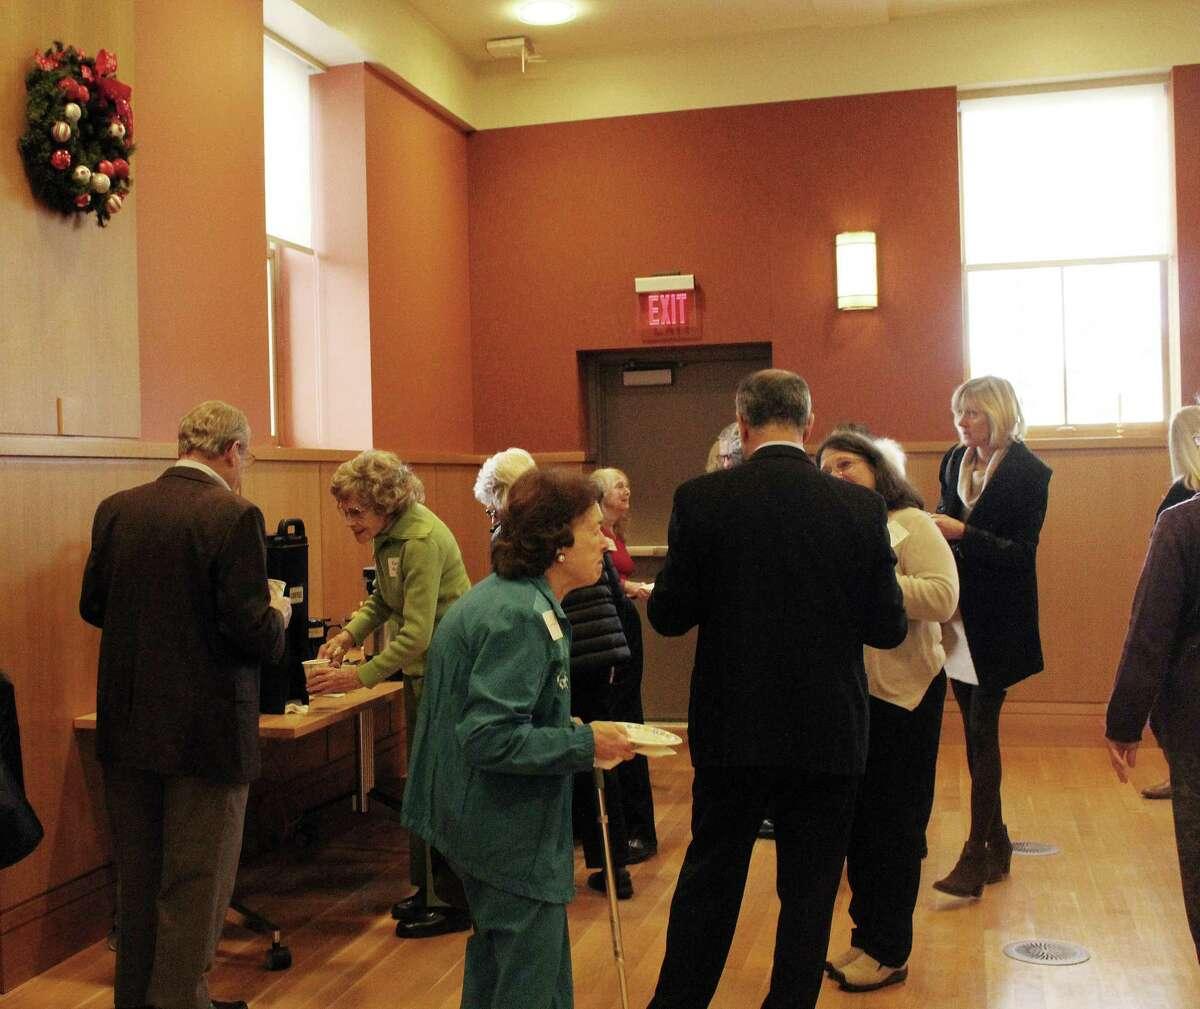 Seniors of Darien mingled before the annual meeting of At Home in Darien at the Darien Library in Darien, CT on Dec. 6, 2016.